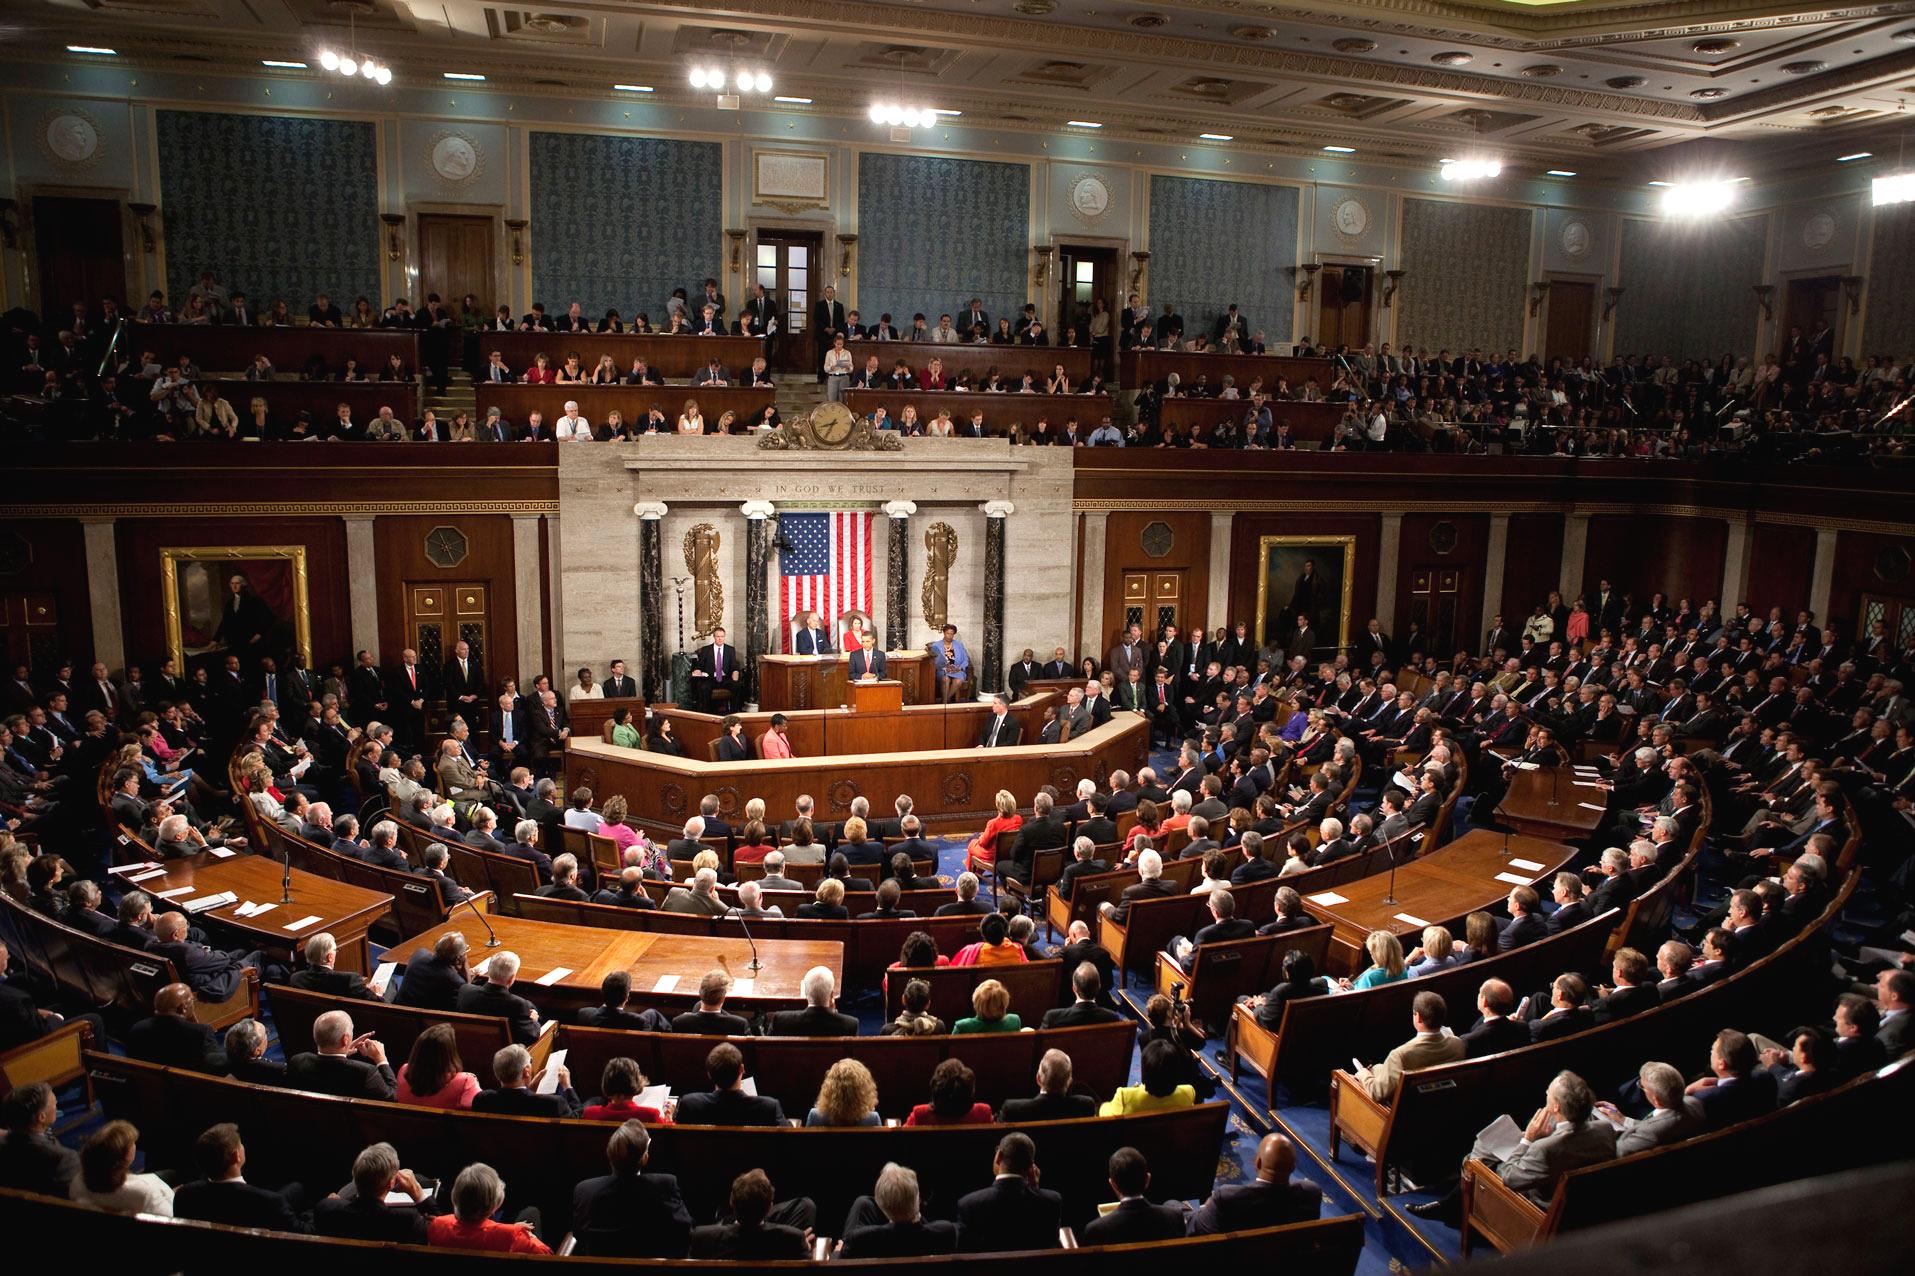 Prezident Barrack Obama seznamuje obě komory amerického Kongresu se svou zdravotnickou reformou (2009)